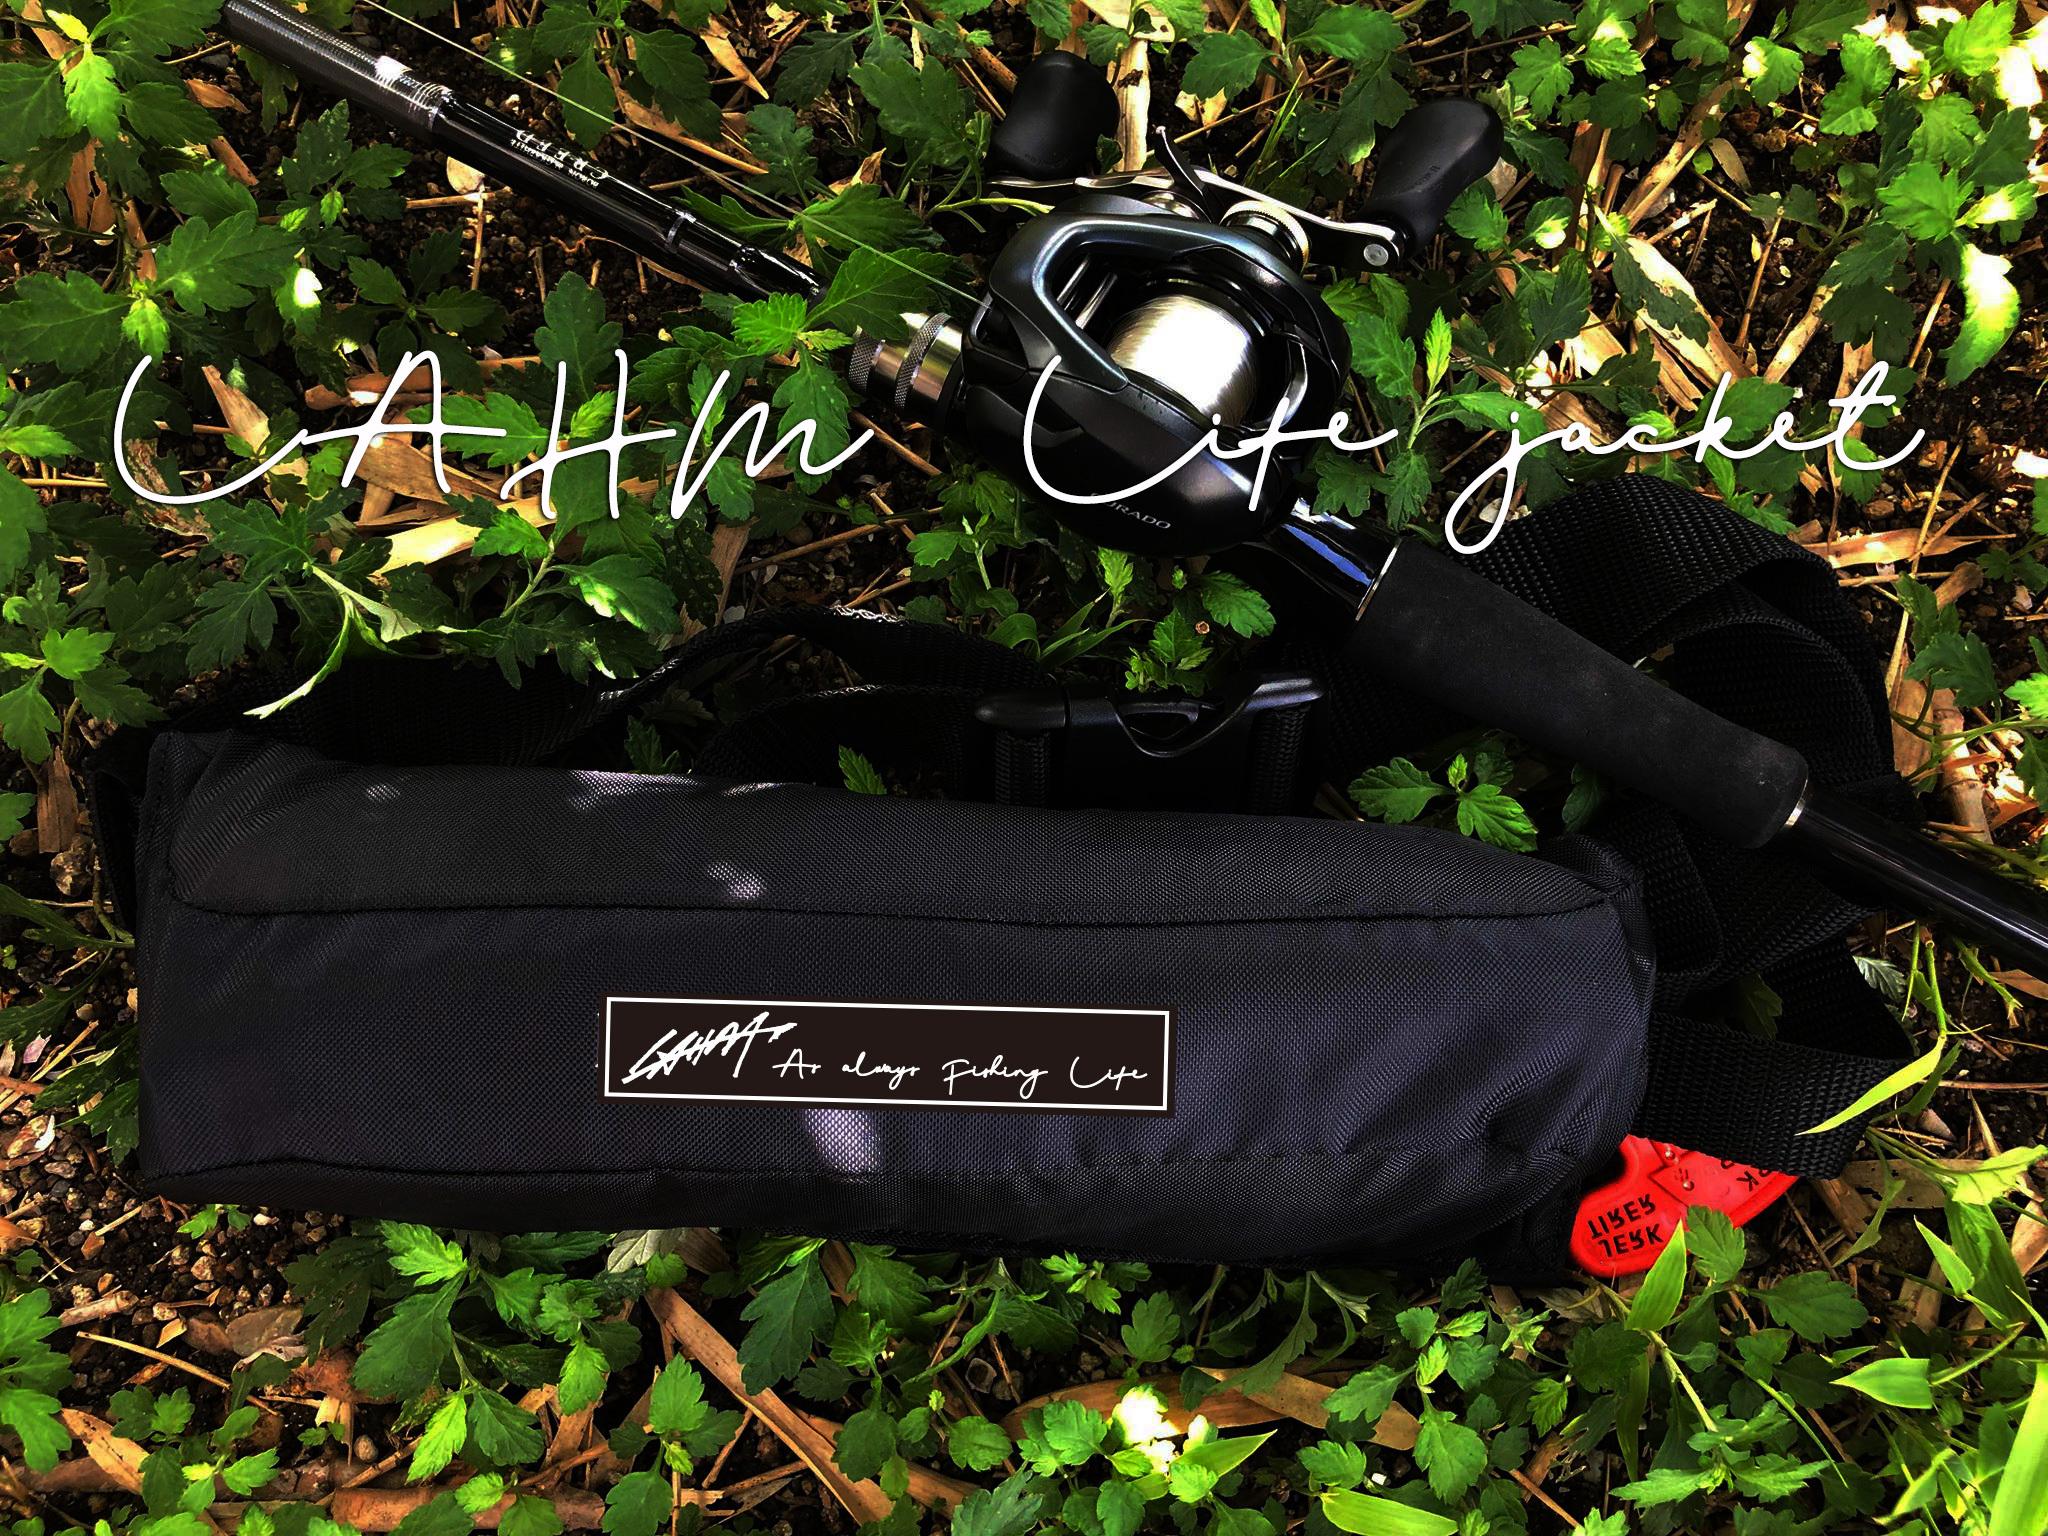 【次回入荷待ちです】LAHMライフジャケット(BLUESTORM BSJ-9320RS(Type A)別注モデル)LAHM/lure angle HAMAオリジナル